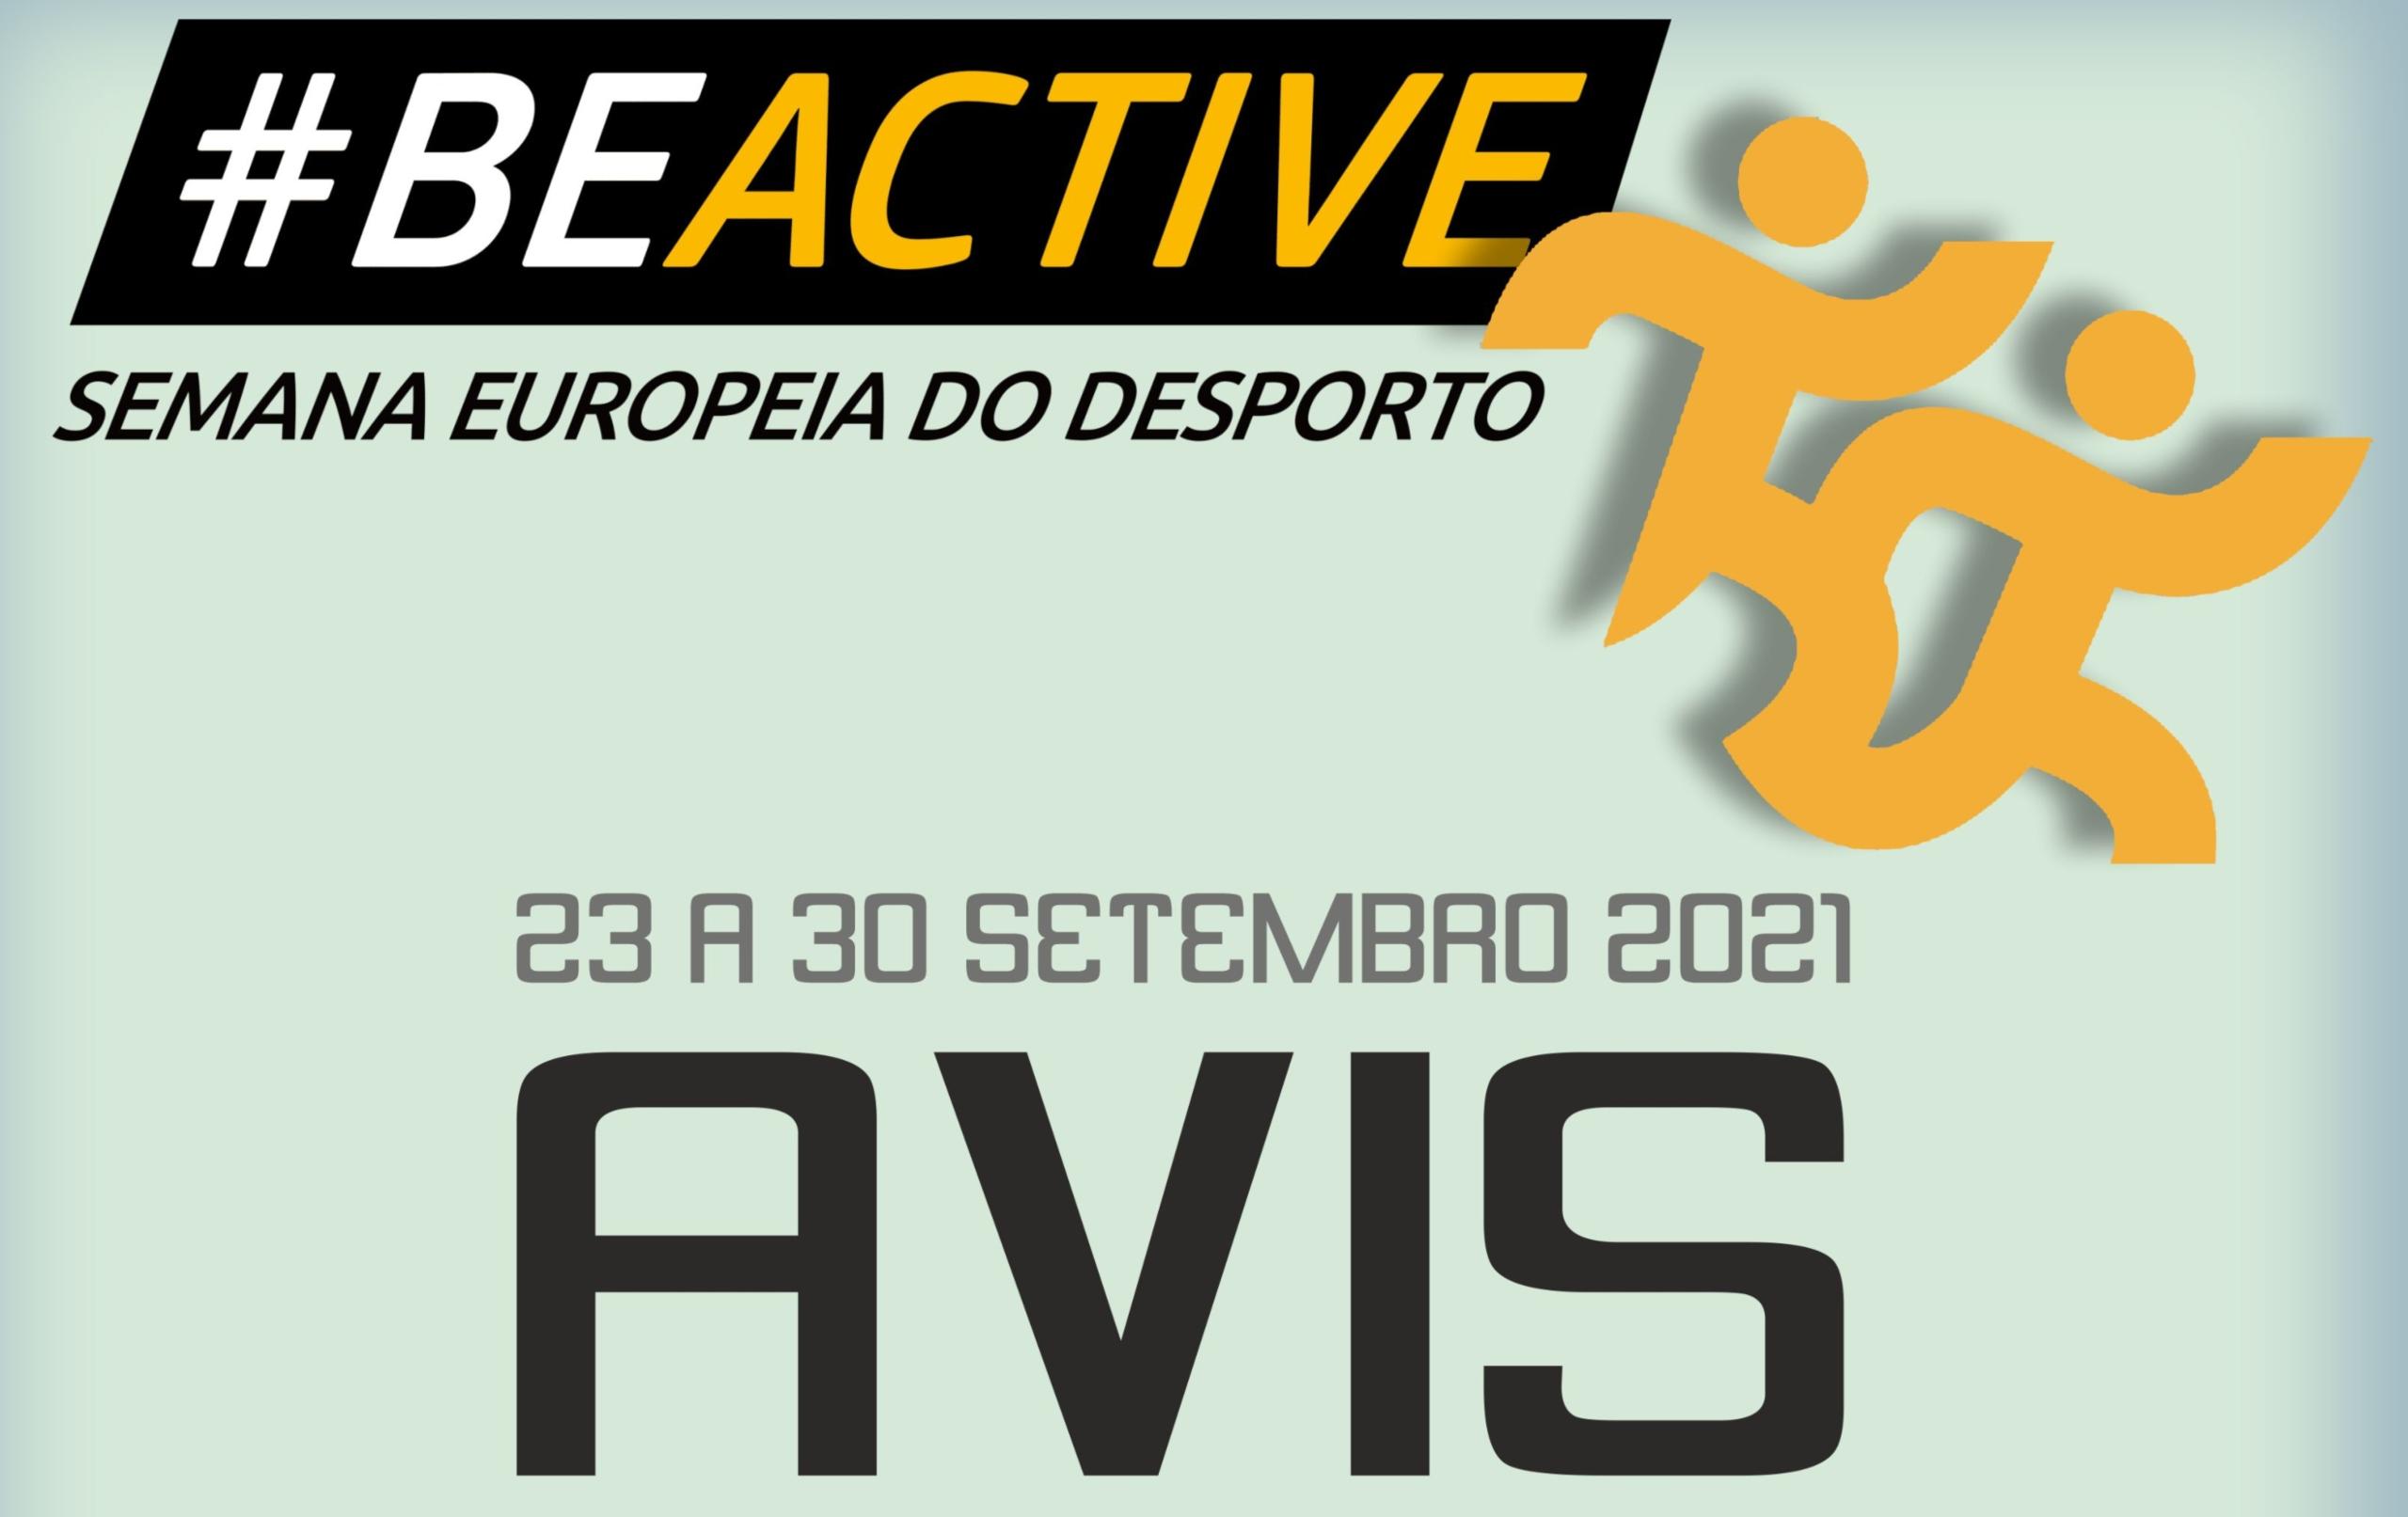 #beactive – Semana Europeia do Desporto